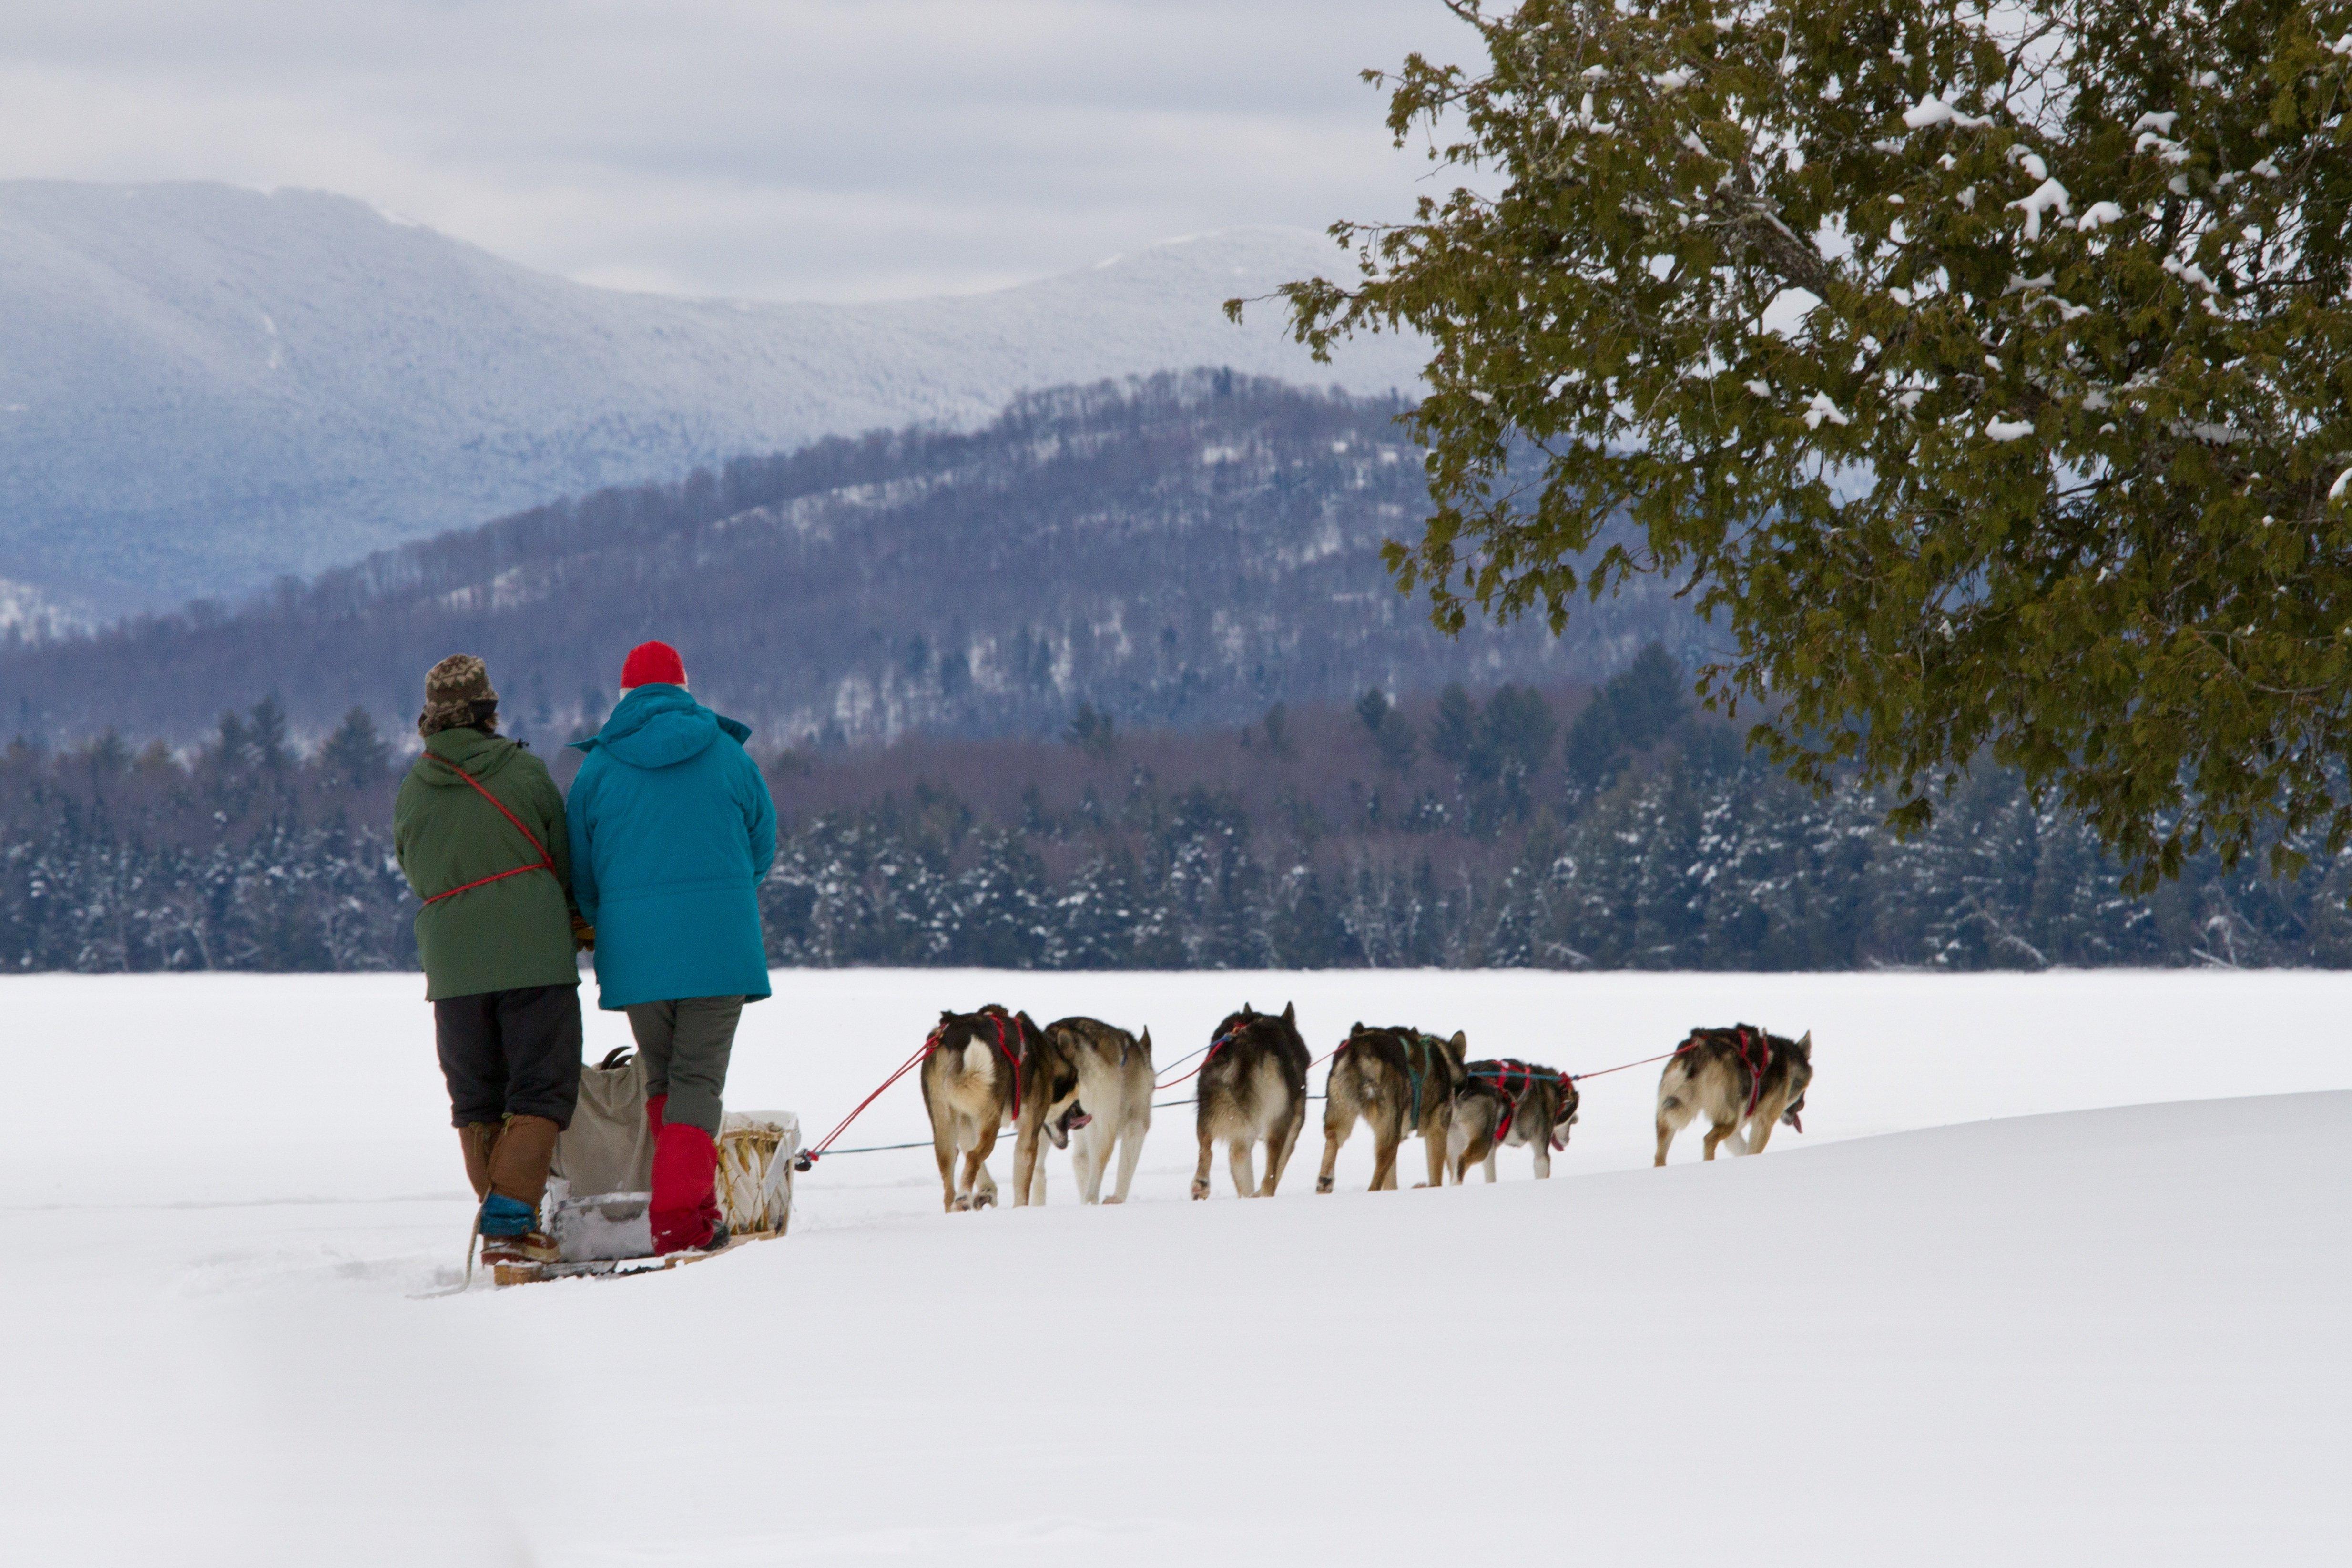 Dogsledding on Umbagog Lake